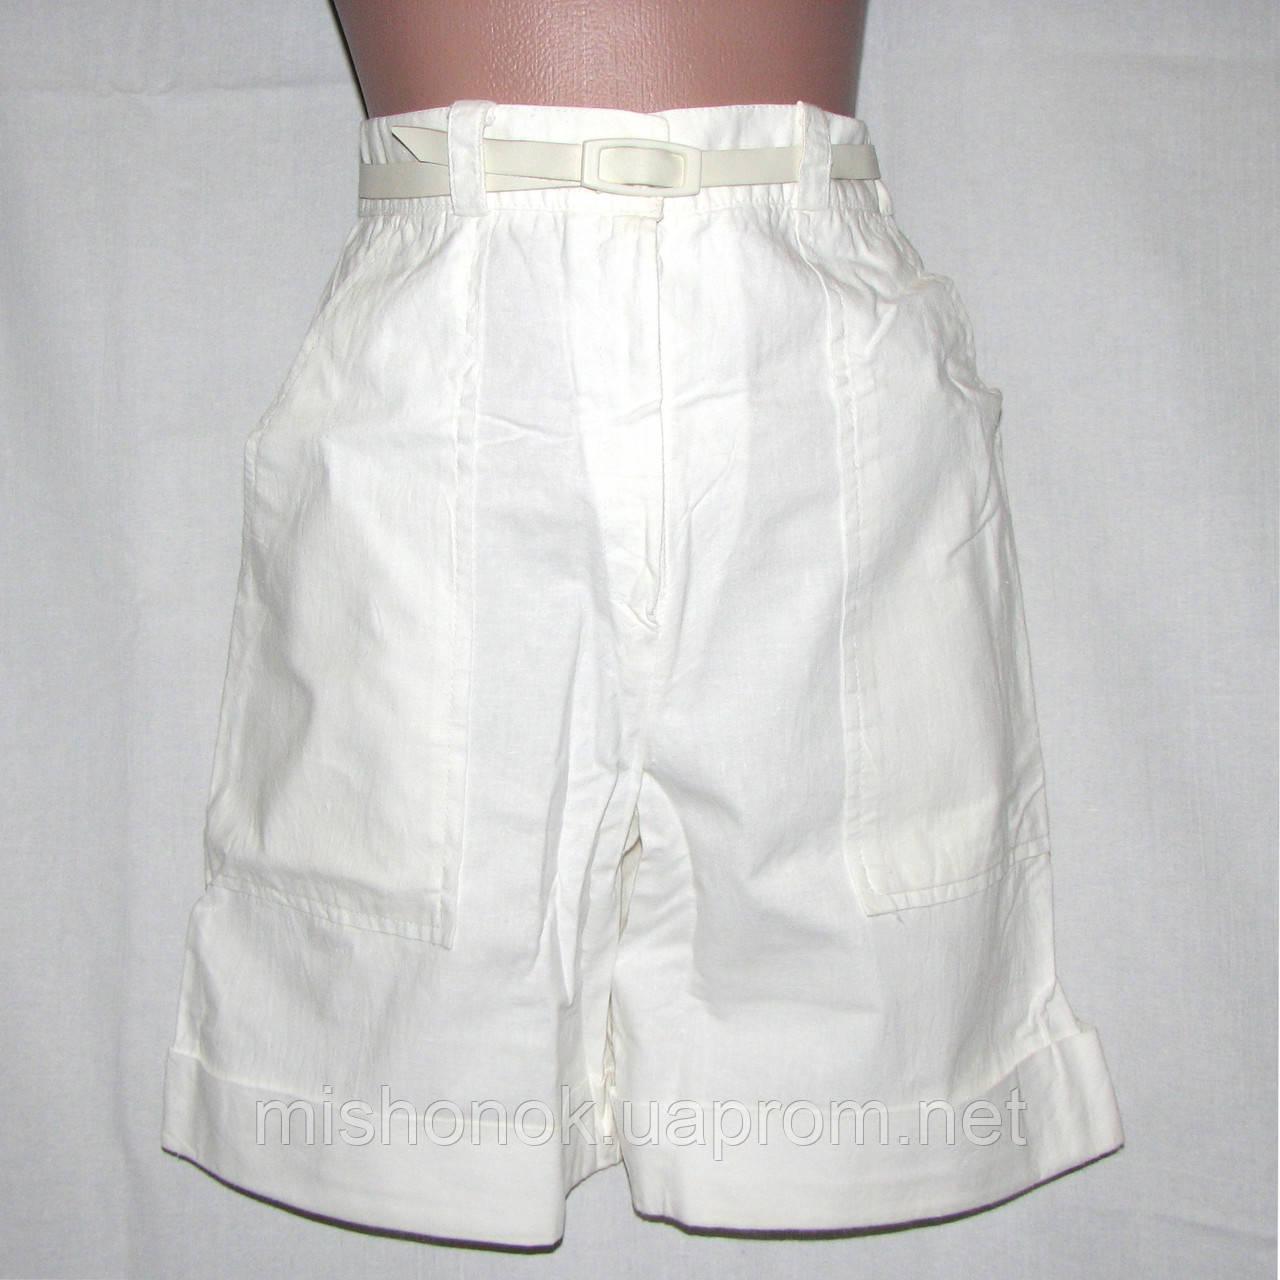 e7b72c37d372 Белые шорты-юбка, шорты-кюлоты на девочку-подростка 12-14 лет